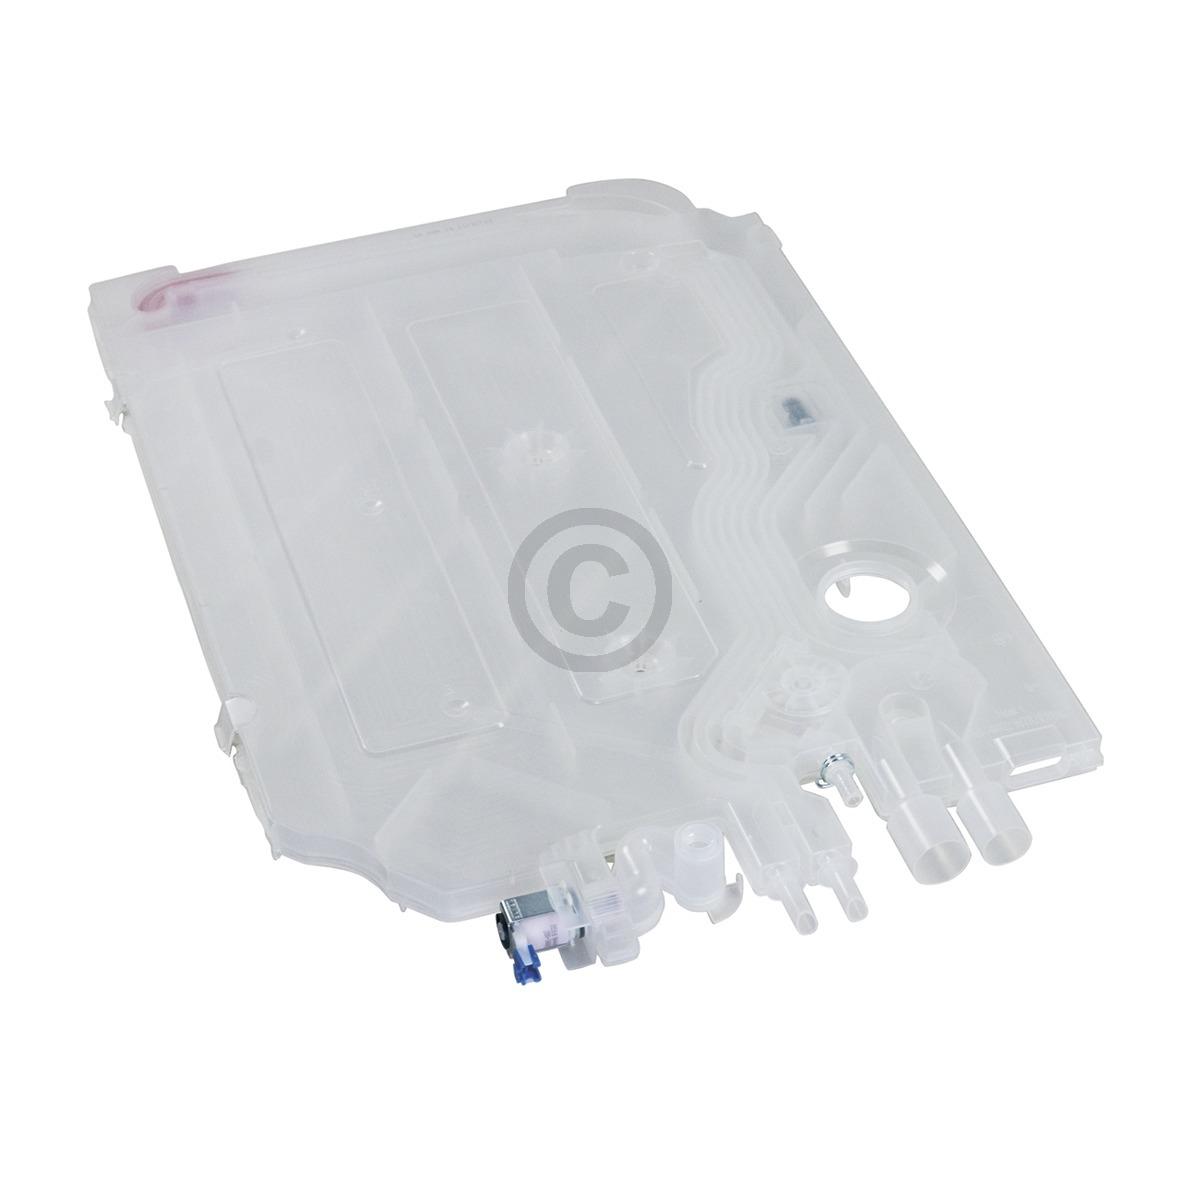 Wassertasche Bosch 00770952 Regenerierdosierung für Geschirrspüler